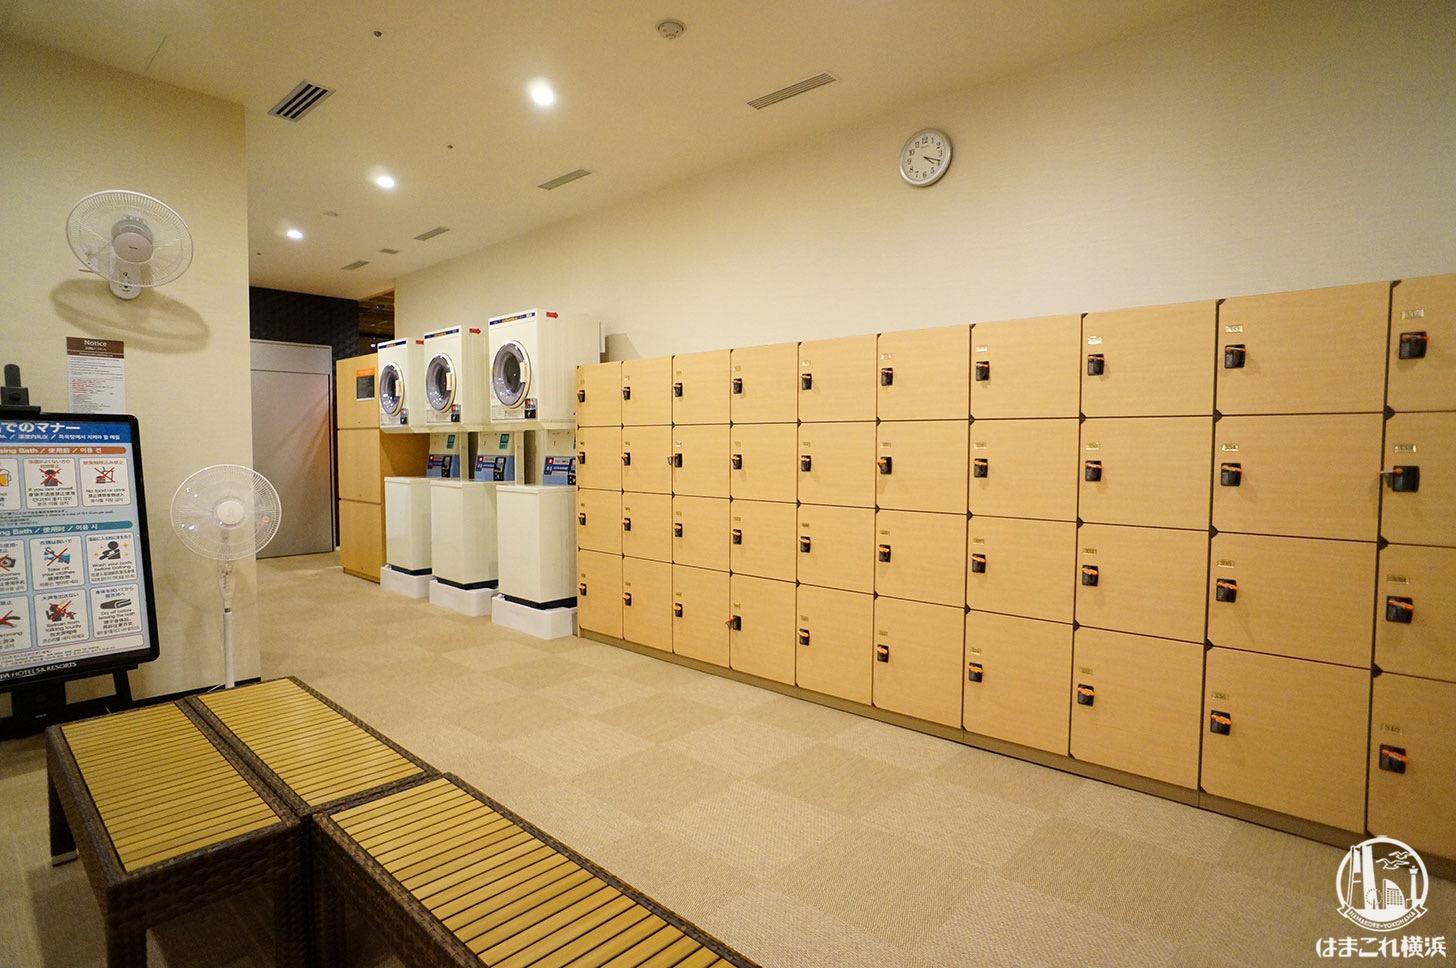 アパホテル&リゾート 横浜ベイタワー 大浴場 脱衣所